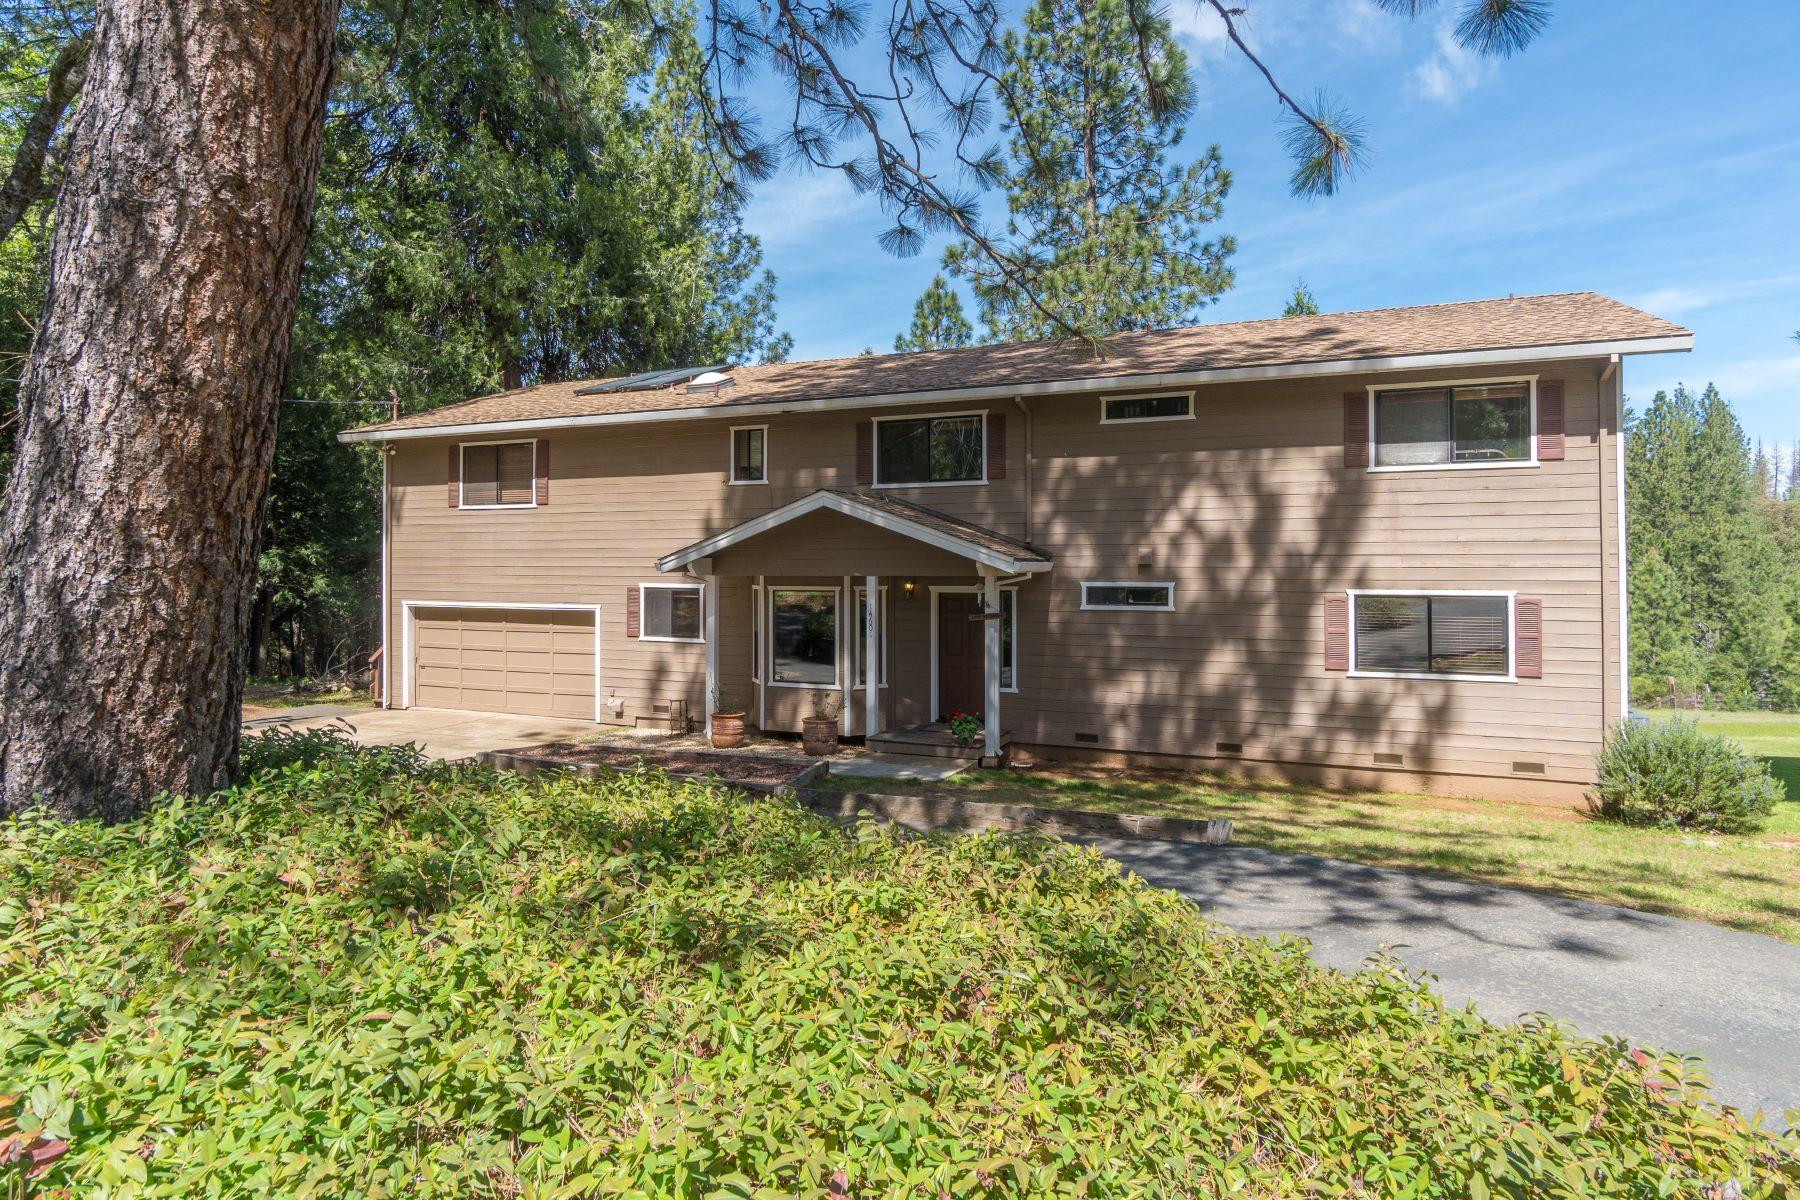 Частный односемейный дом для того Продажа на 14601 Raven Road, Pioneer Pioneer, Калифорния 95666 Соединенные Штаты